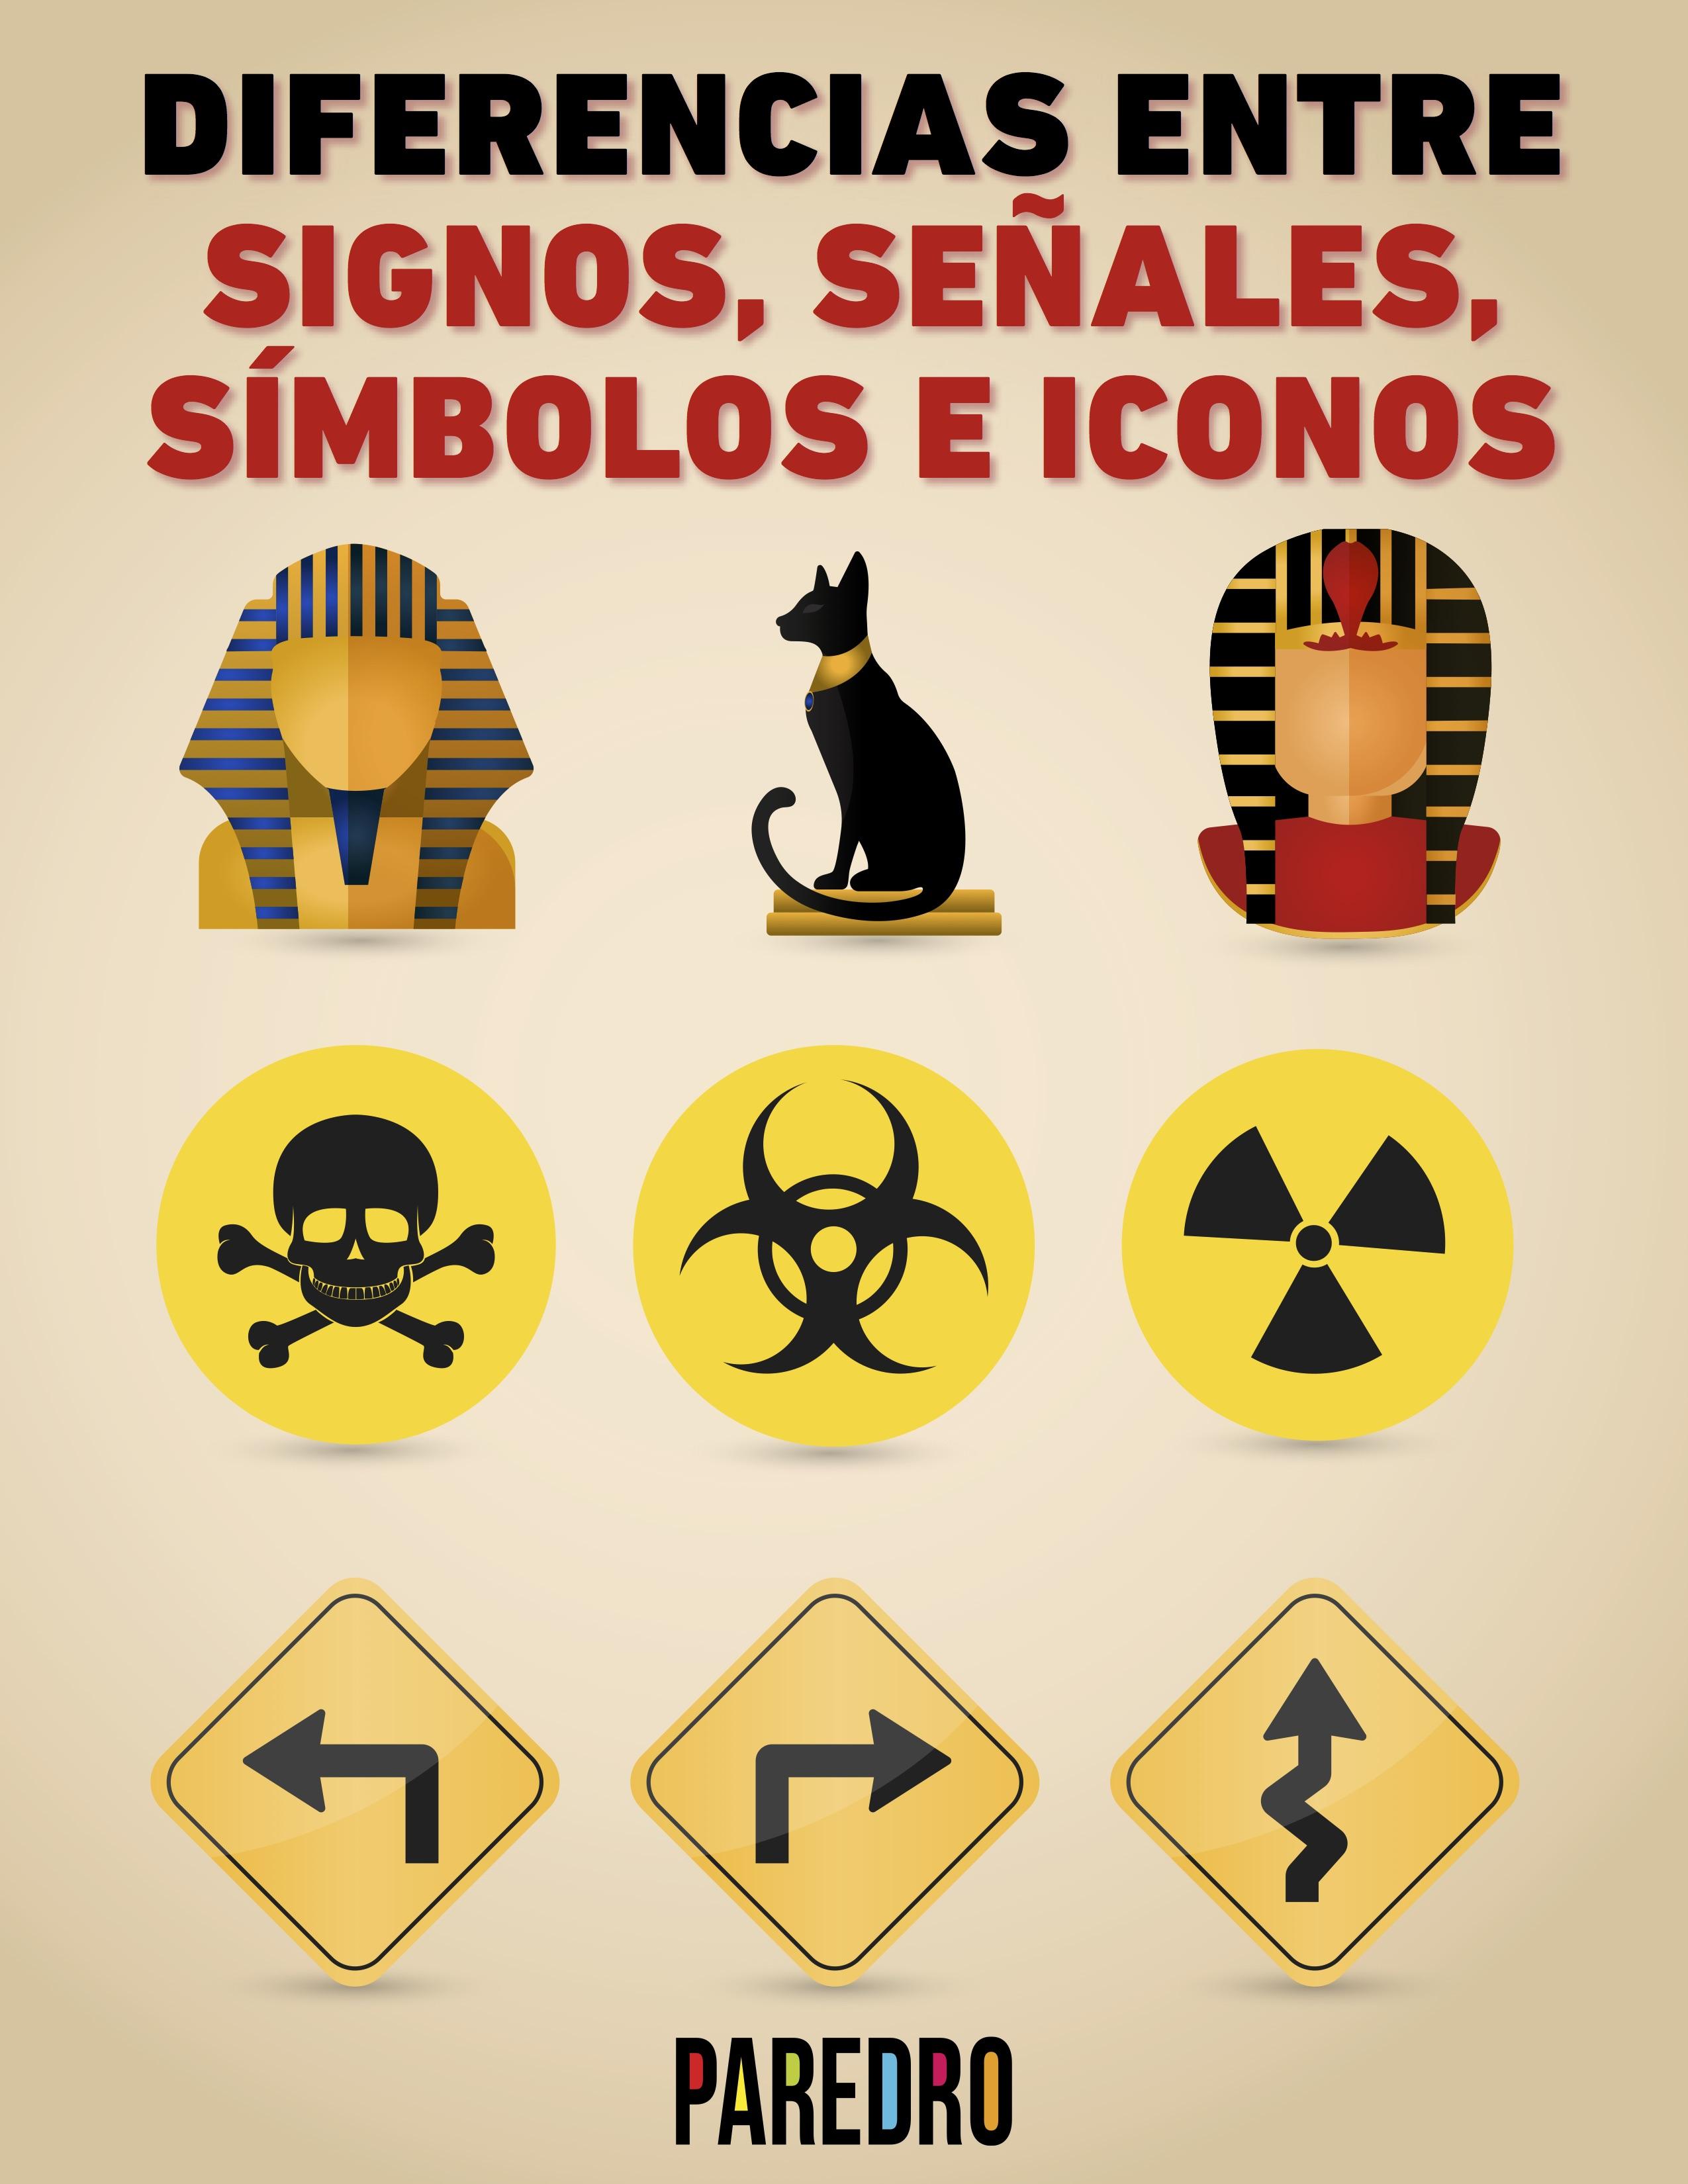 Aprende a reconocer las diferencias entre Signos, Señales, Símbolos e Iconos en este trabajo especial, descárgalo gratuito.